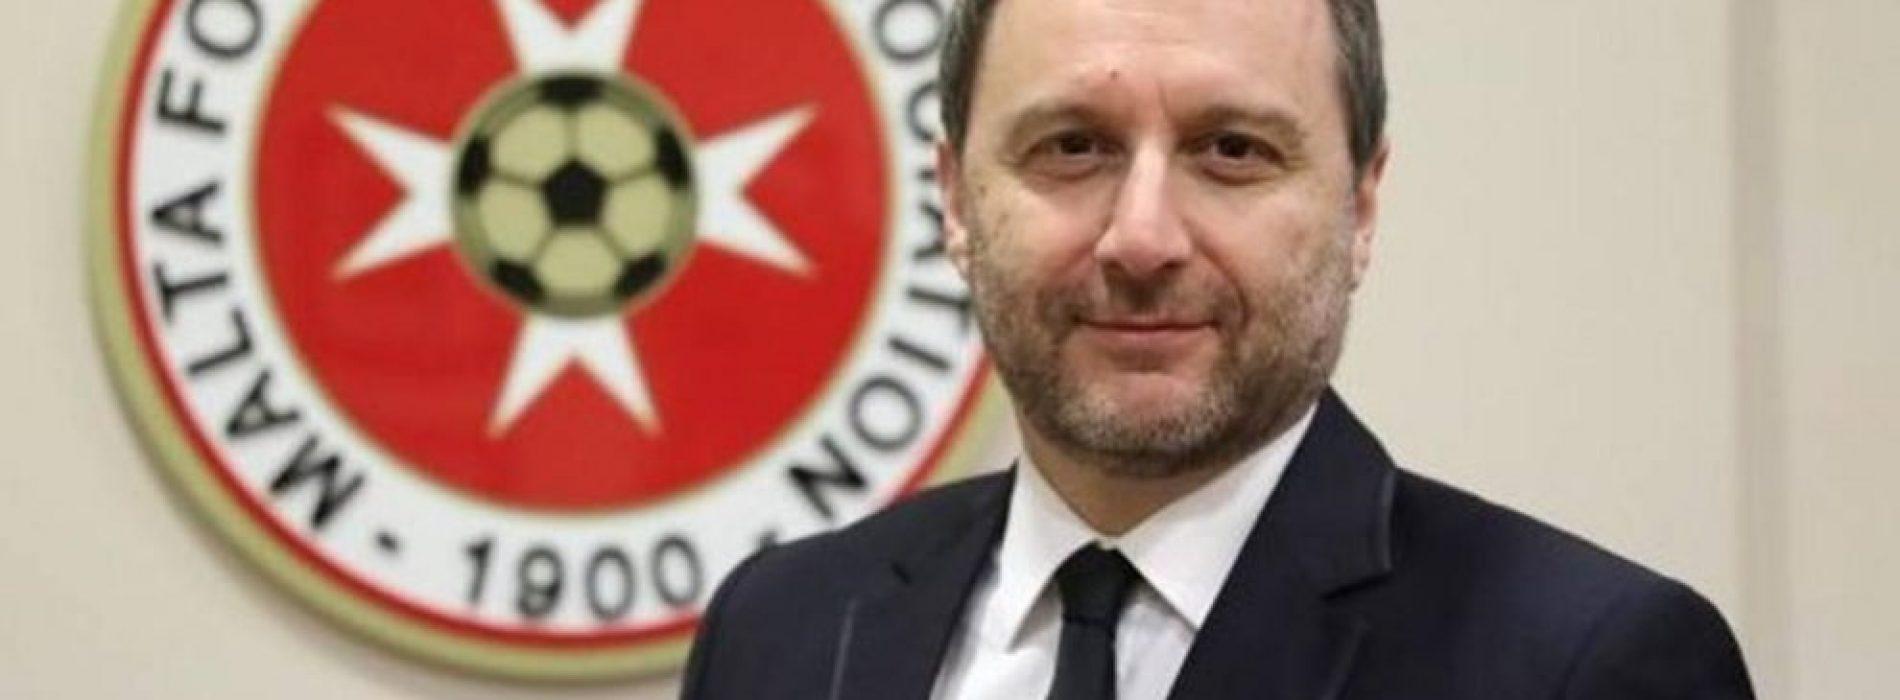 """Farruggio Mangia Malta: """"Ci aspettiamo che lasci un'impronta. E dall'anno prossimo in Serie C…"""" – ESCLUSIVA EC"""